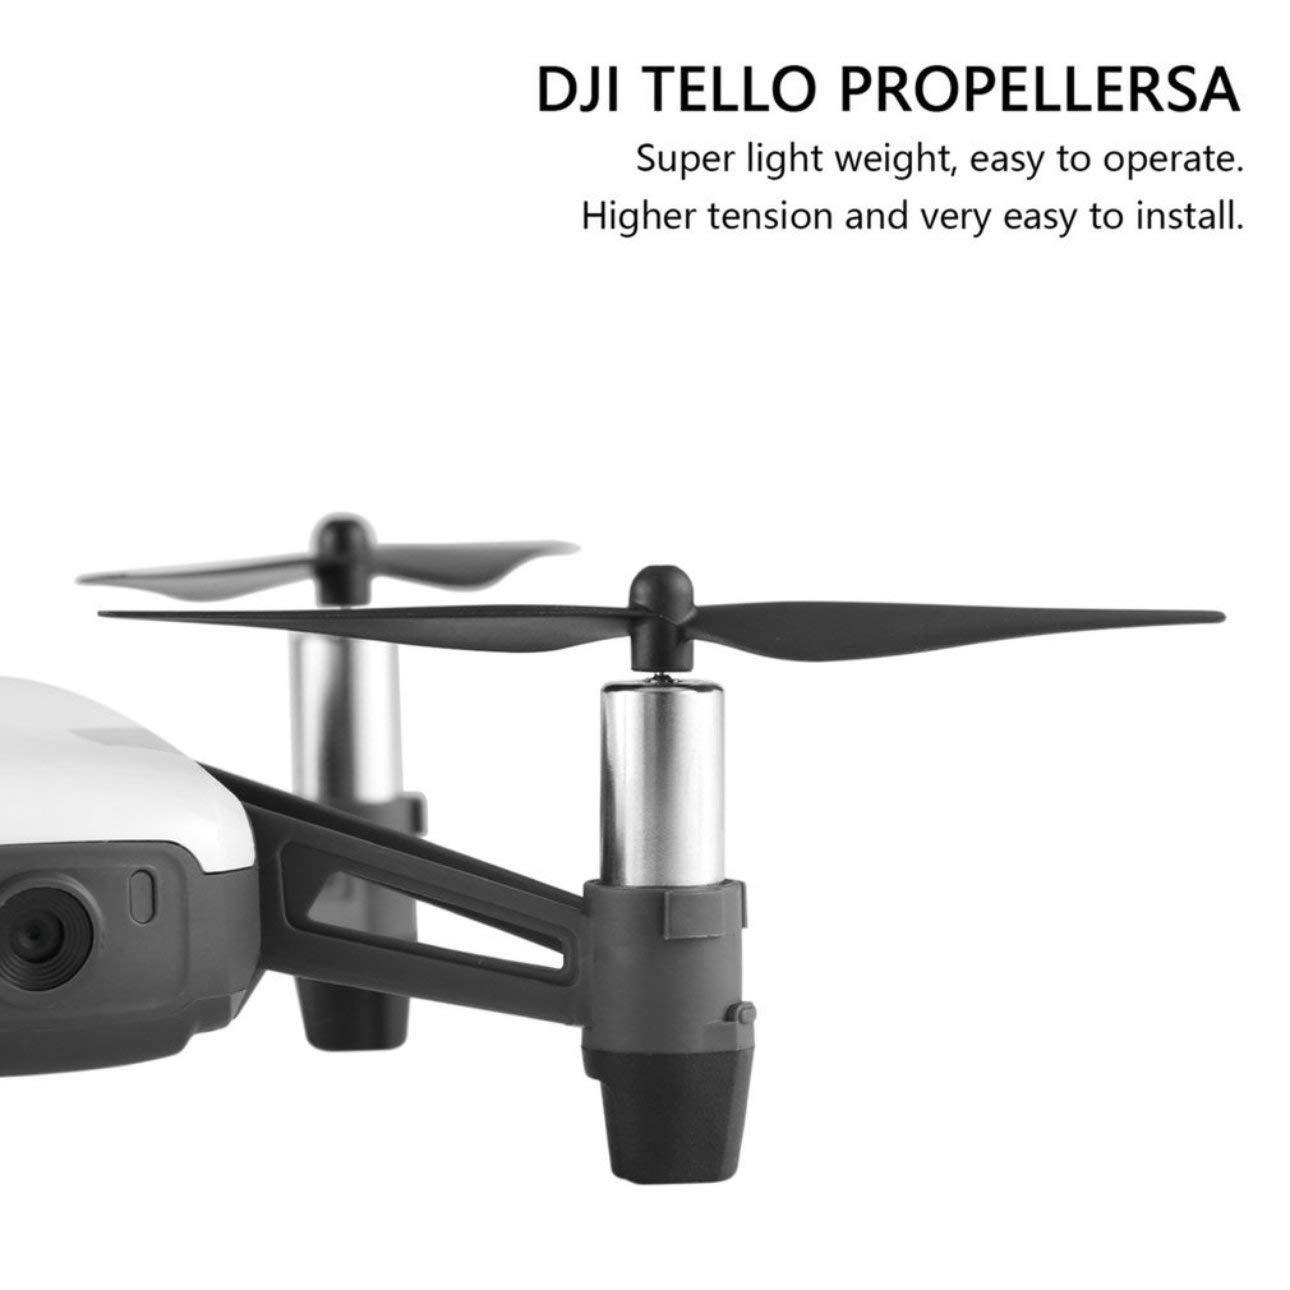 Pudincoco 4 UNIDS Hélices Drone de Liberación Rápida para dji ...